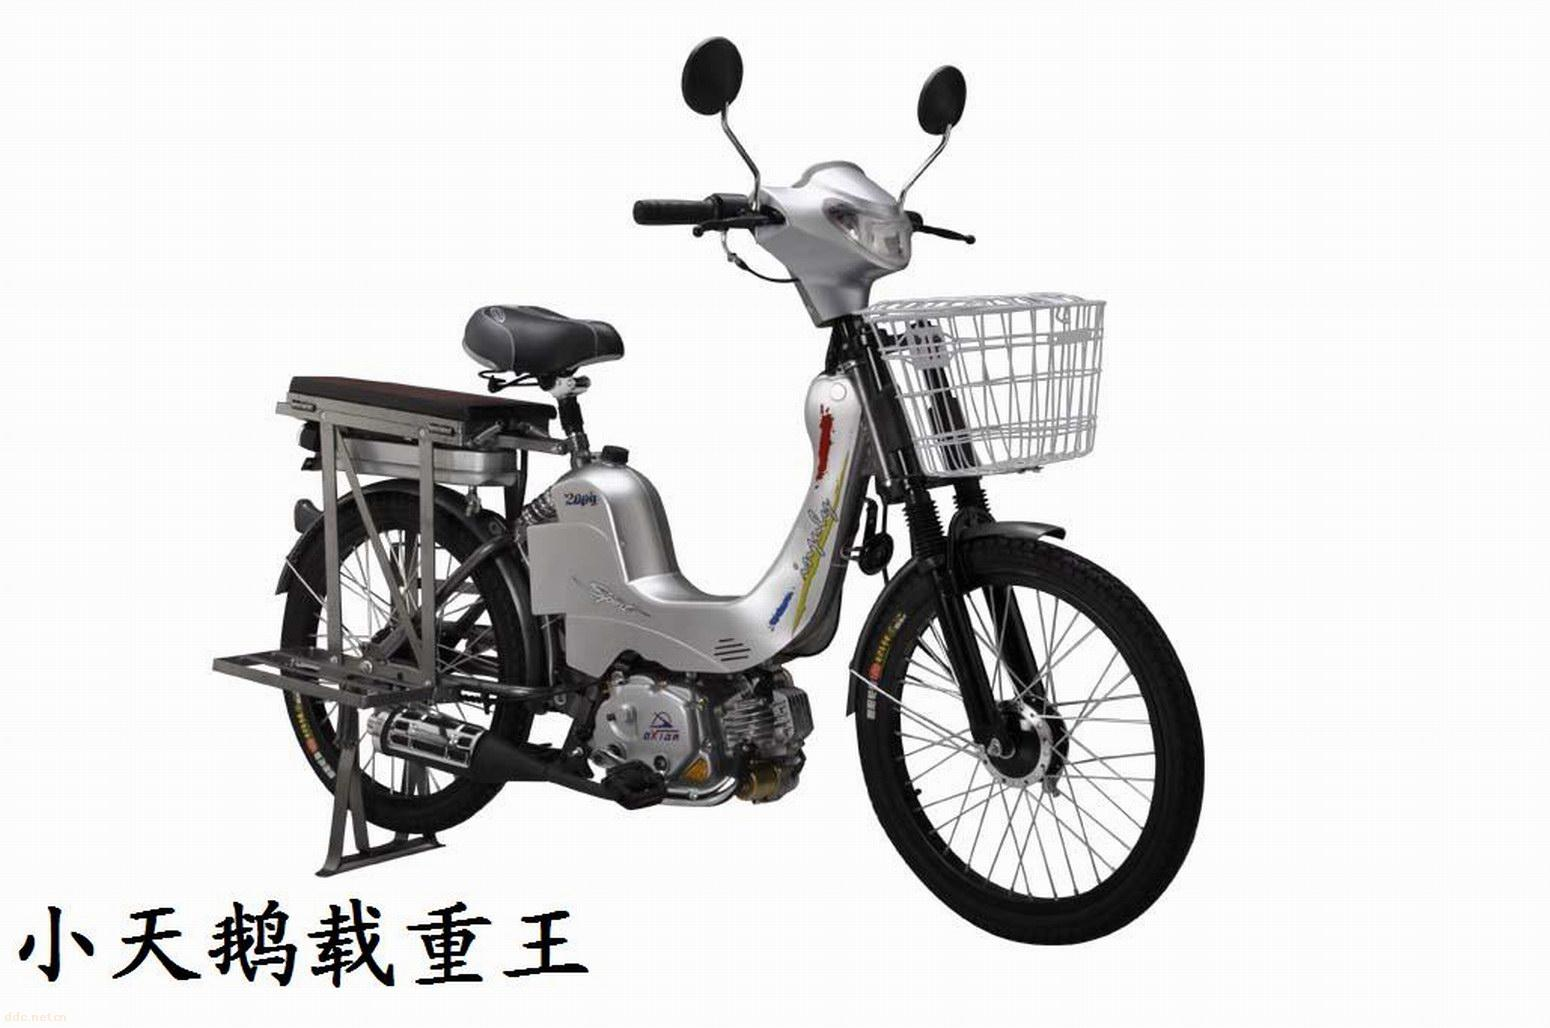 助力车48cc - 京东